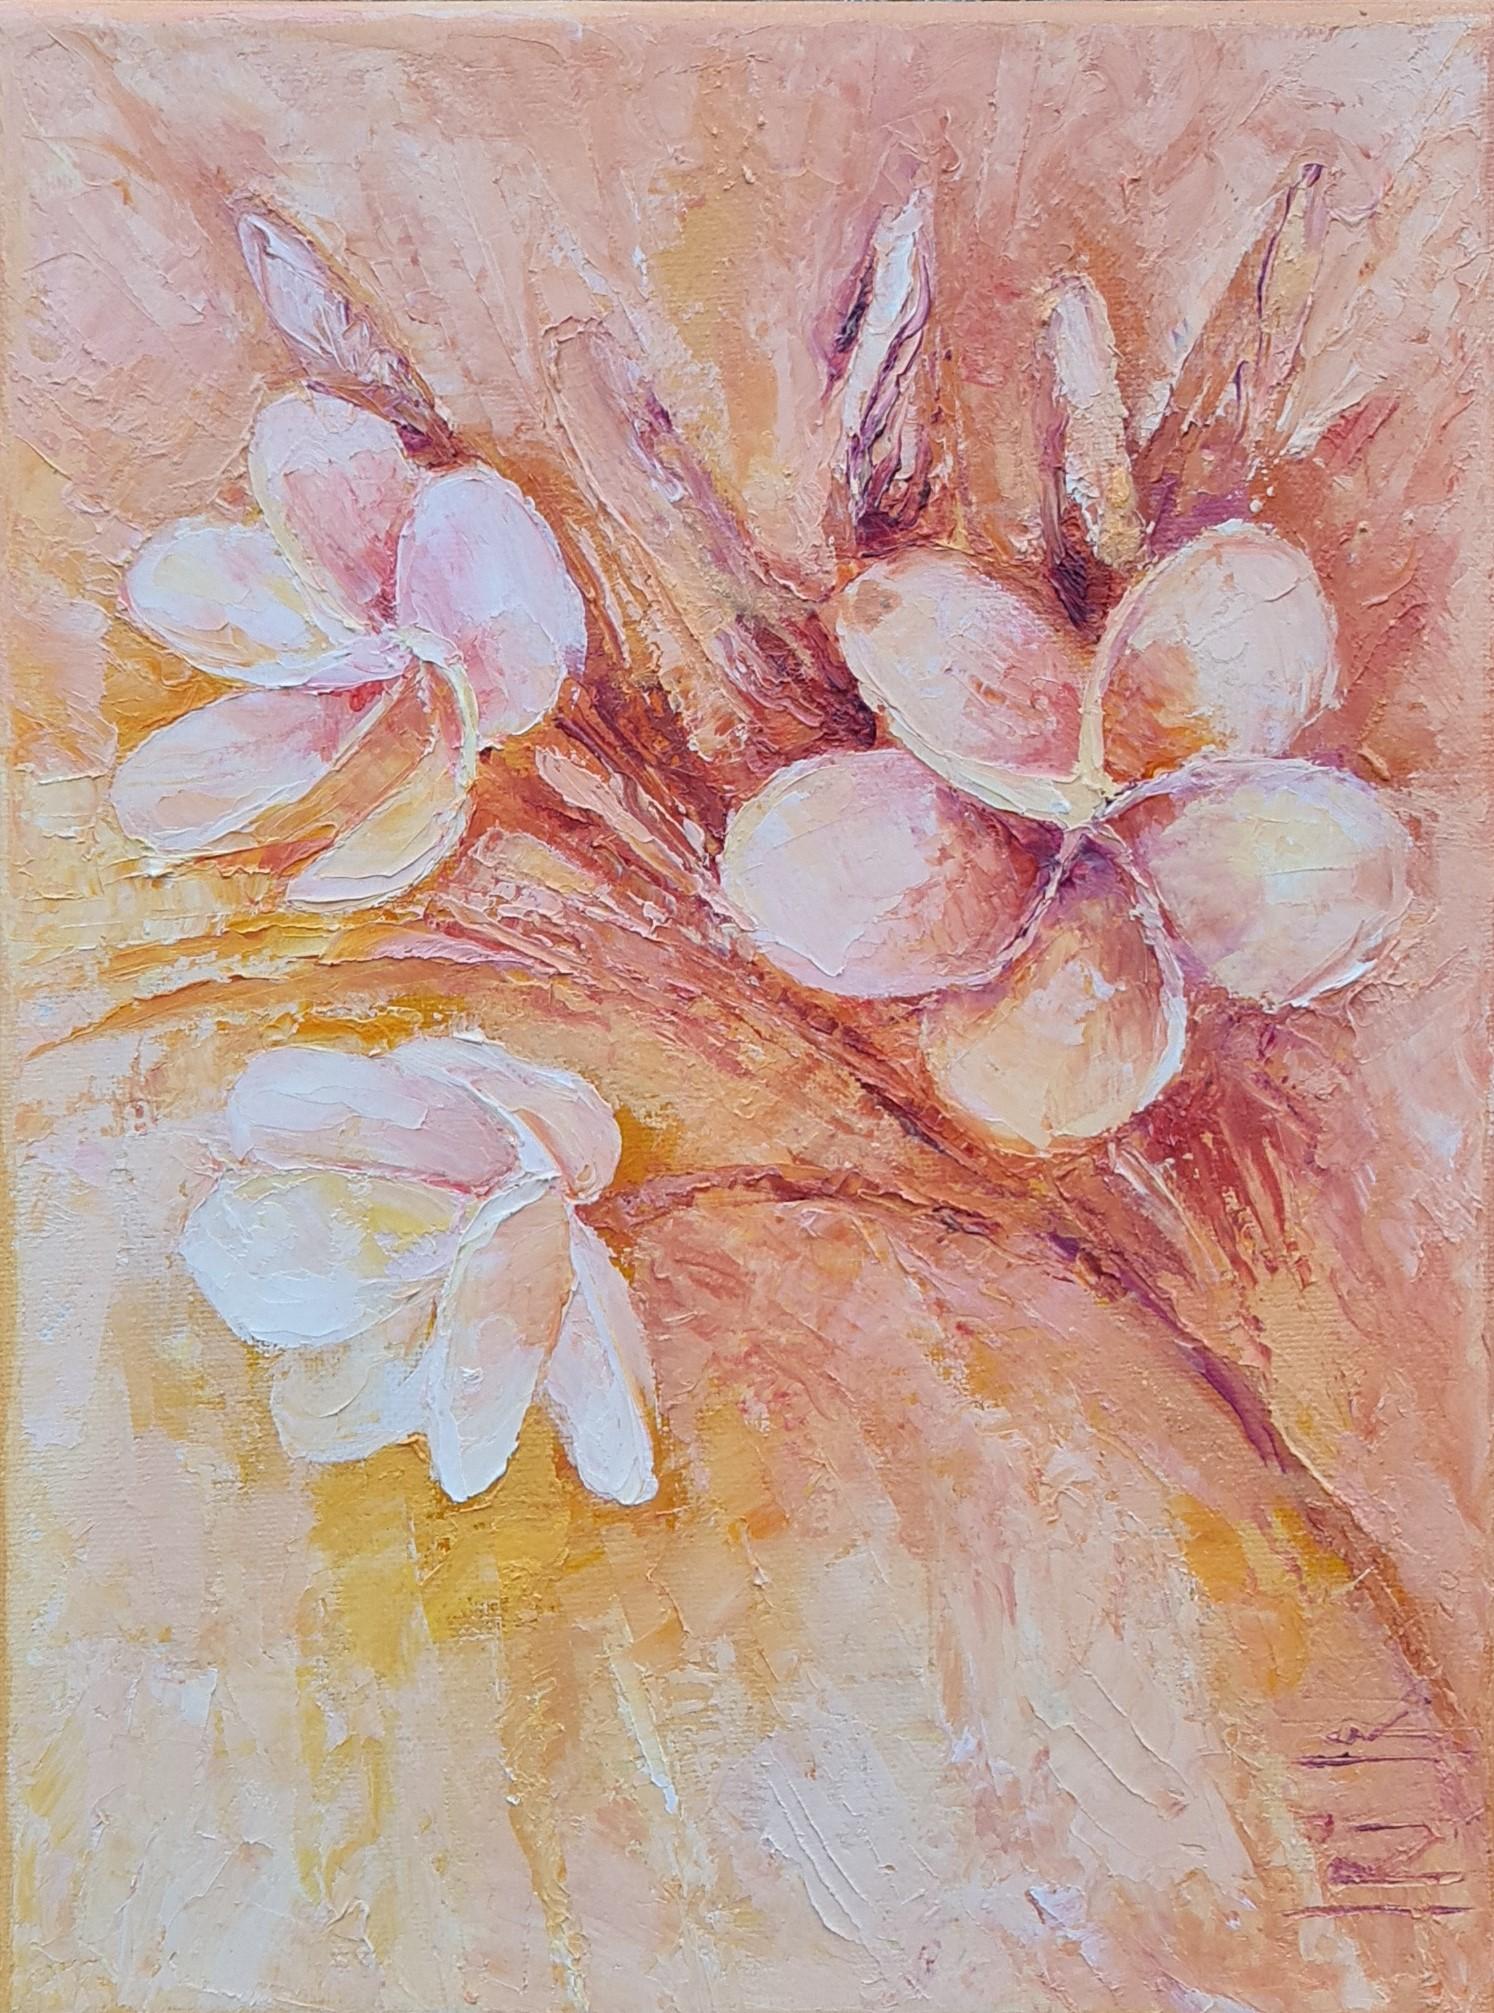 Hawaiian beauty flowers orange white red irina taneva oil painting